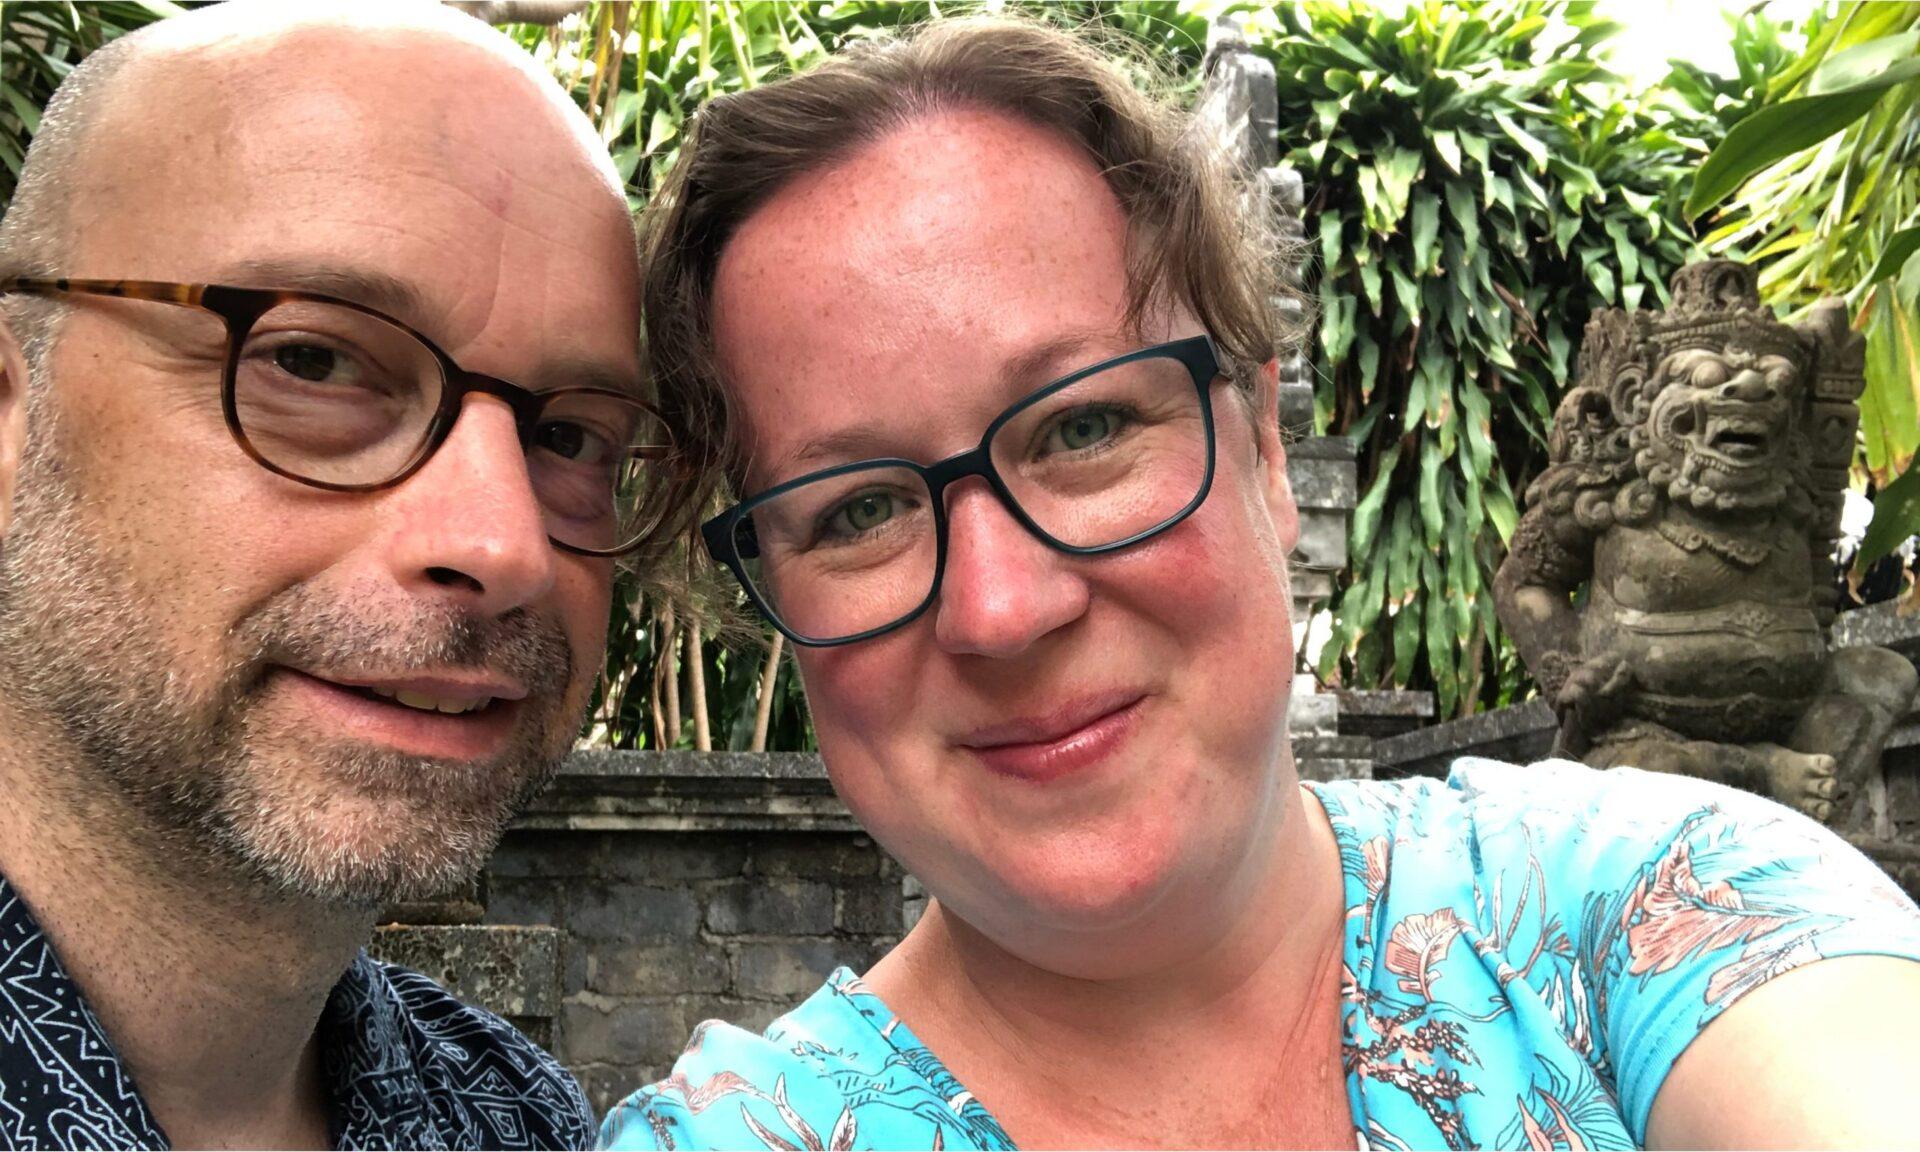 Header Bali scaled Jeroen en Ivette bleven kinderloos en vertrekken nu naar Bali om een kindertehuis te runnen: 'De meisjes voelen als echte familie'